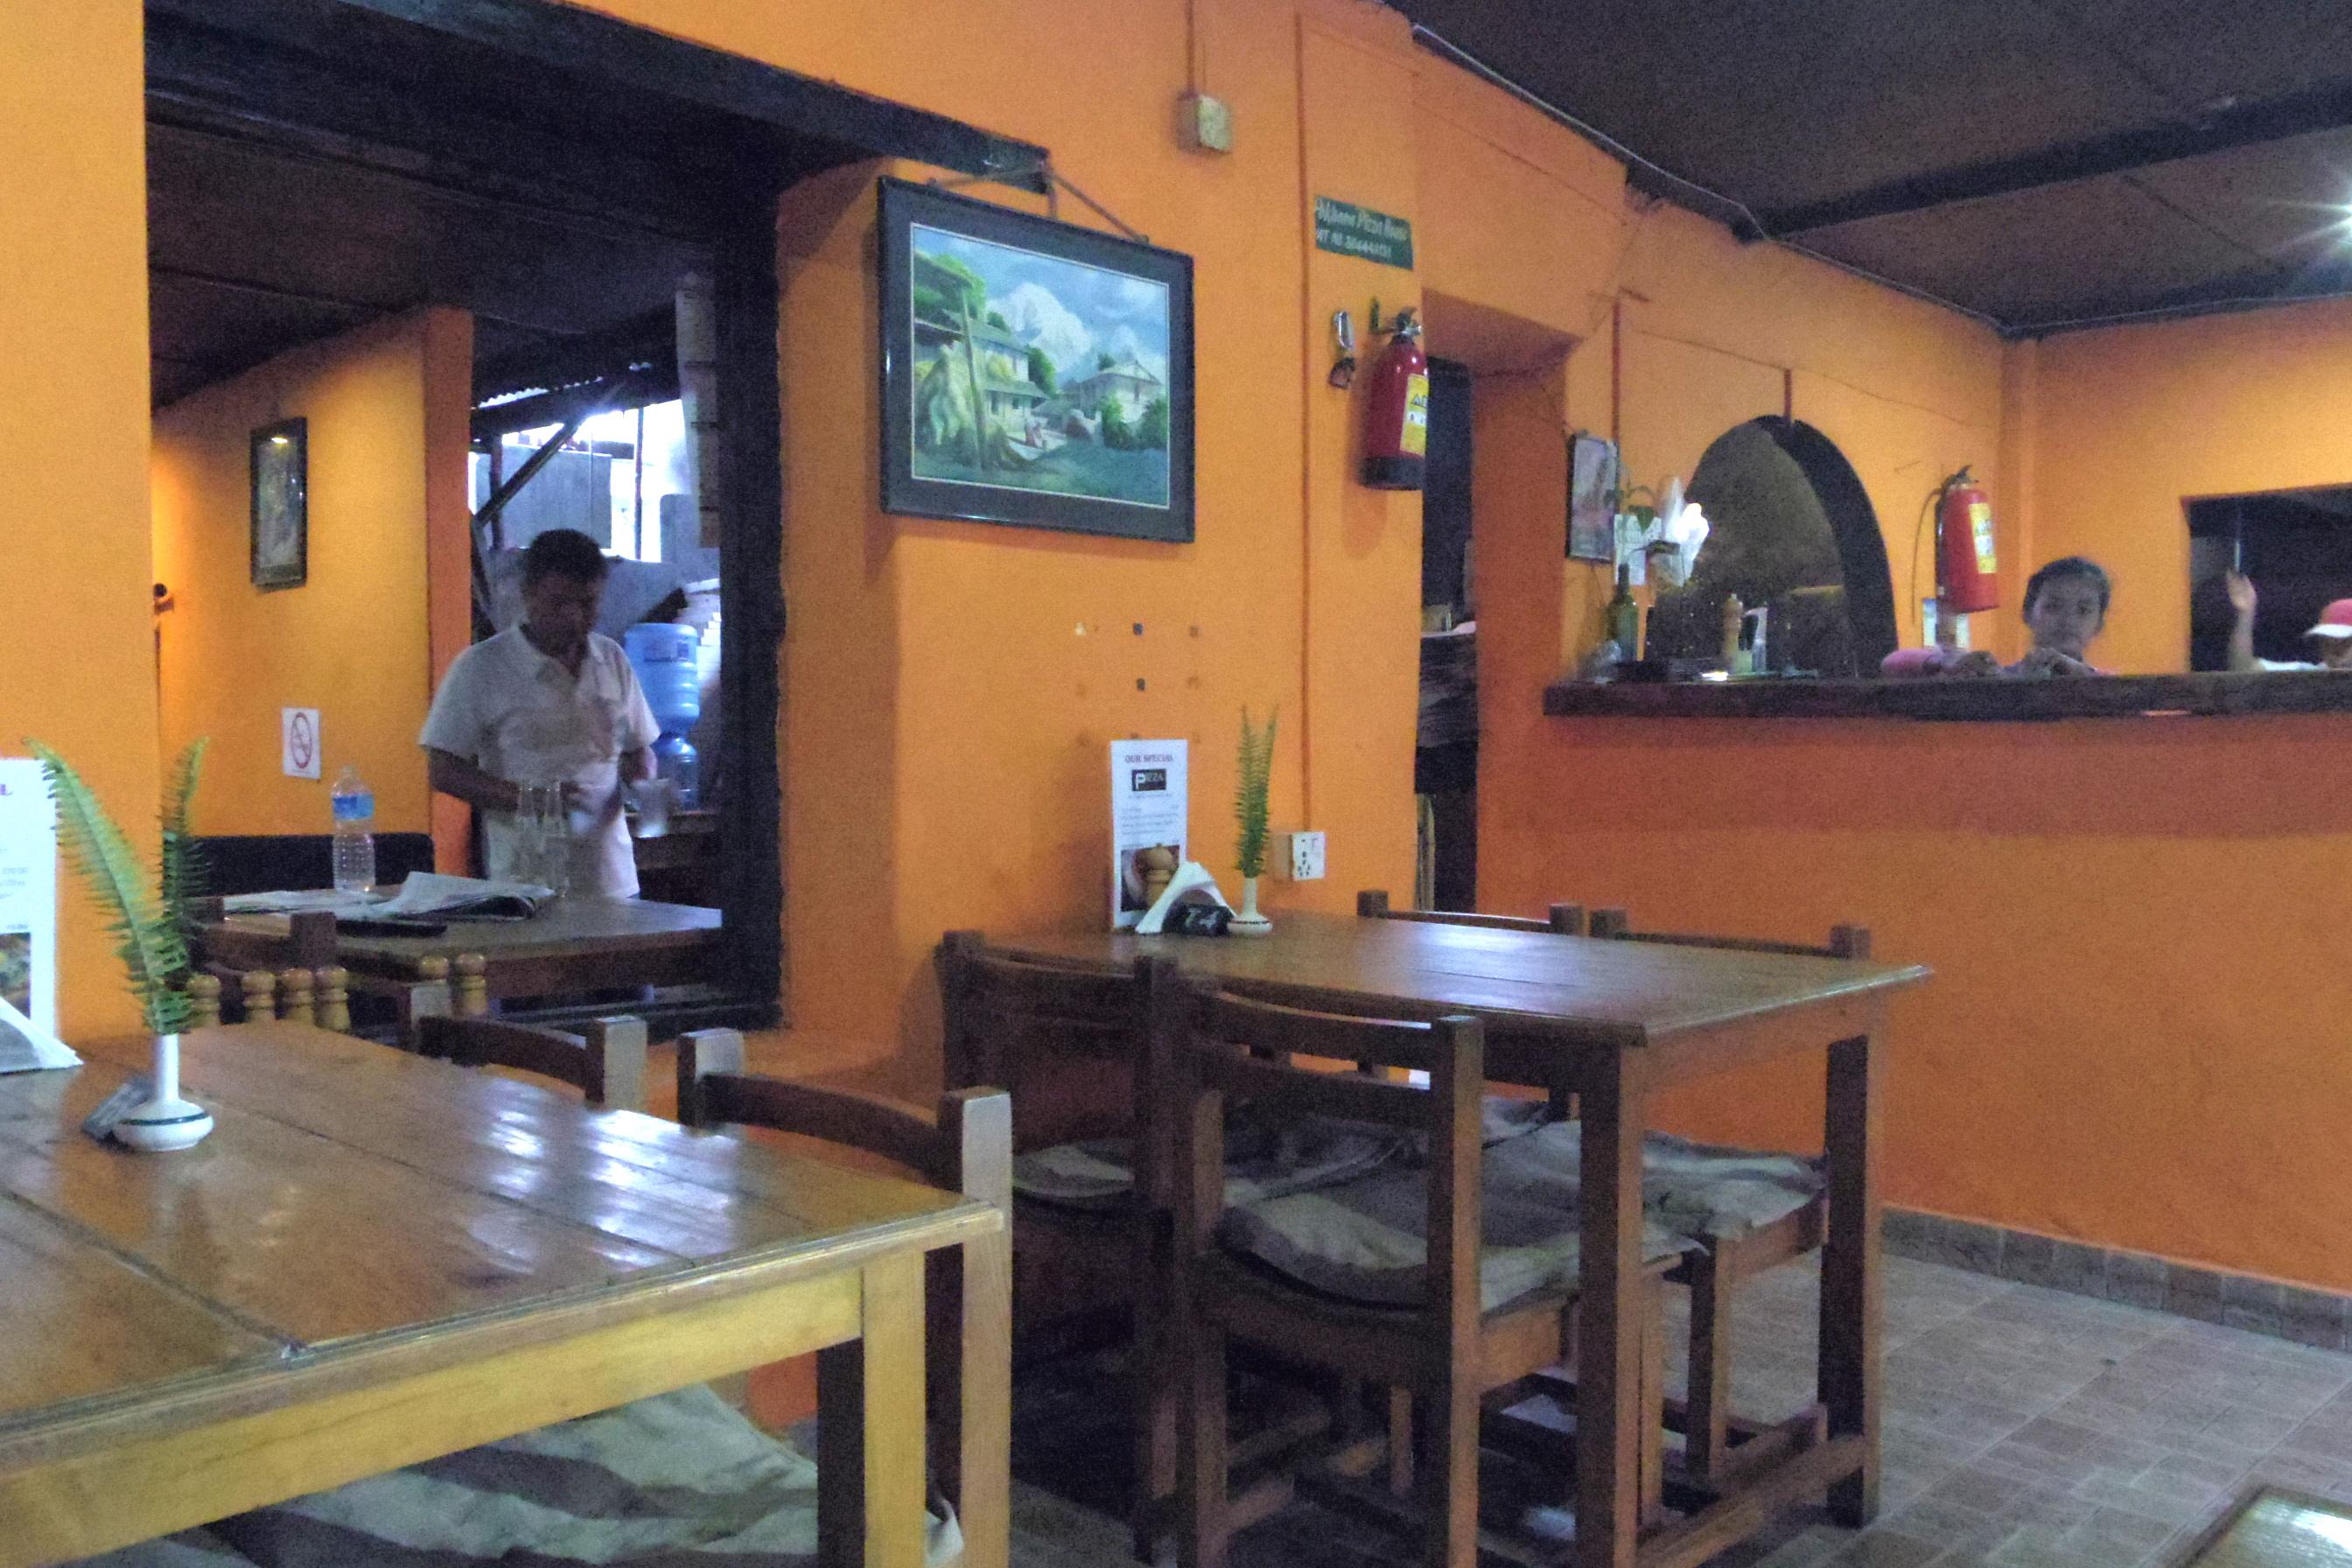 ポカラ イタリアン ポカラピザハウス Pokhara Pizaa House